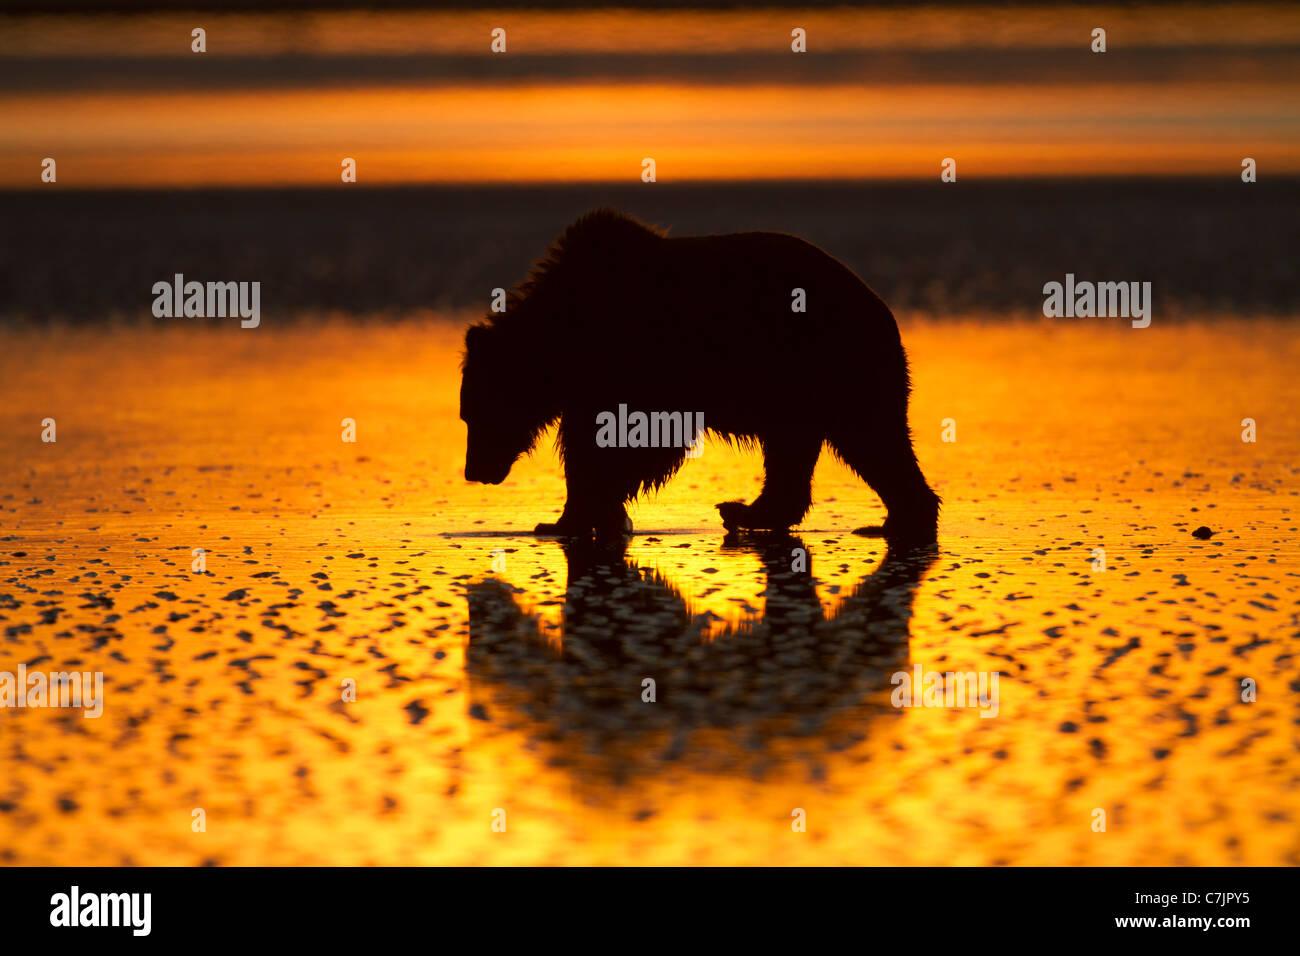 Marrone / Orso grizzly cercando le vongole al Sunrise, il Parco Nazionale del Lago Clark, Alaska. Immagini Stock